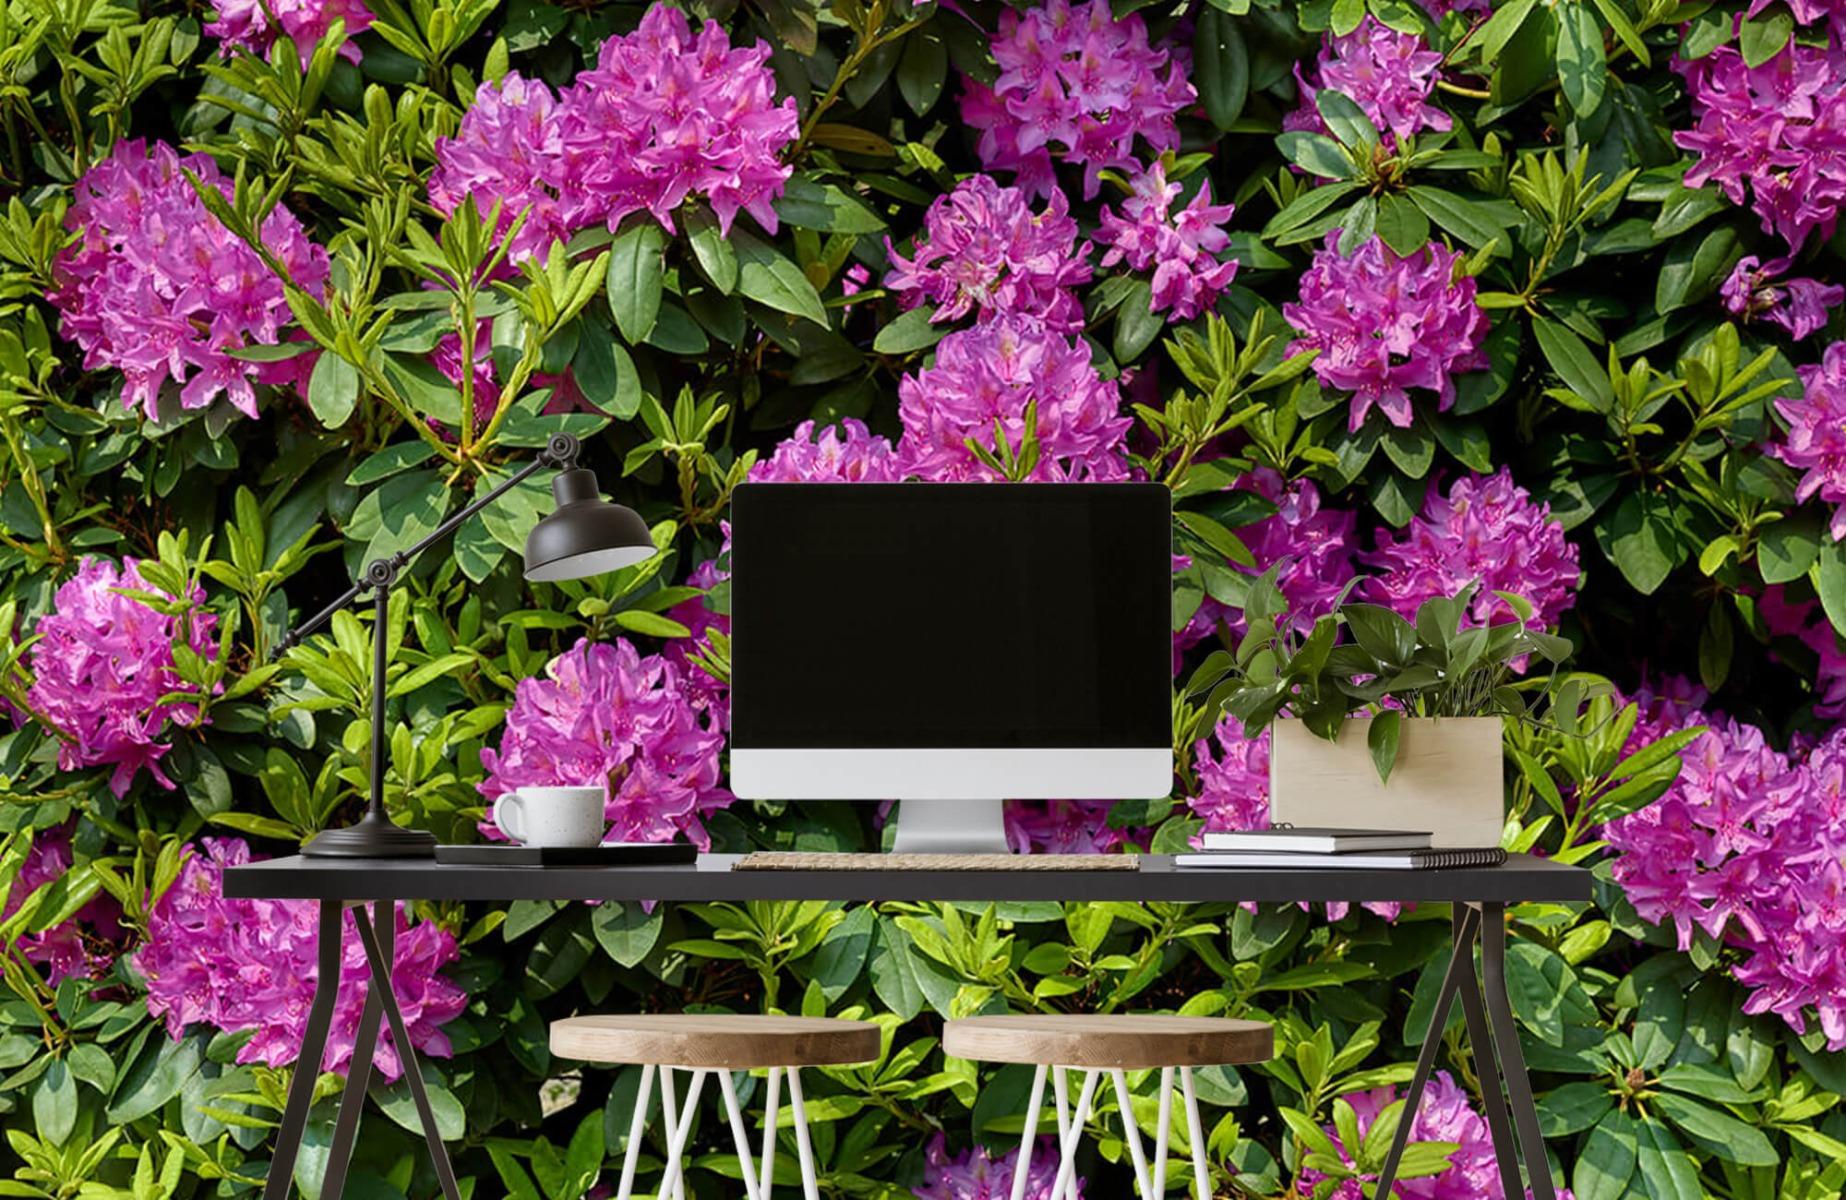 Bloemenvelden - Rododendrons - Wallexclusive - Slaapkamer 7